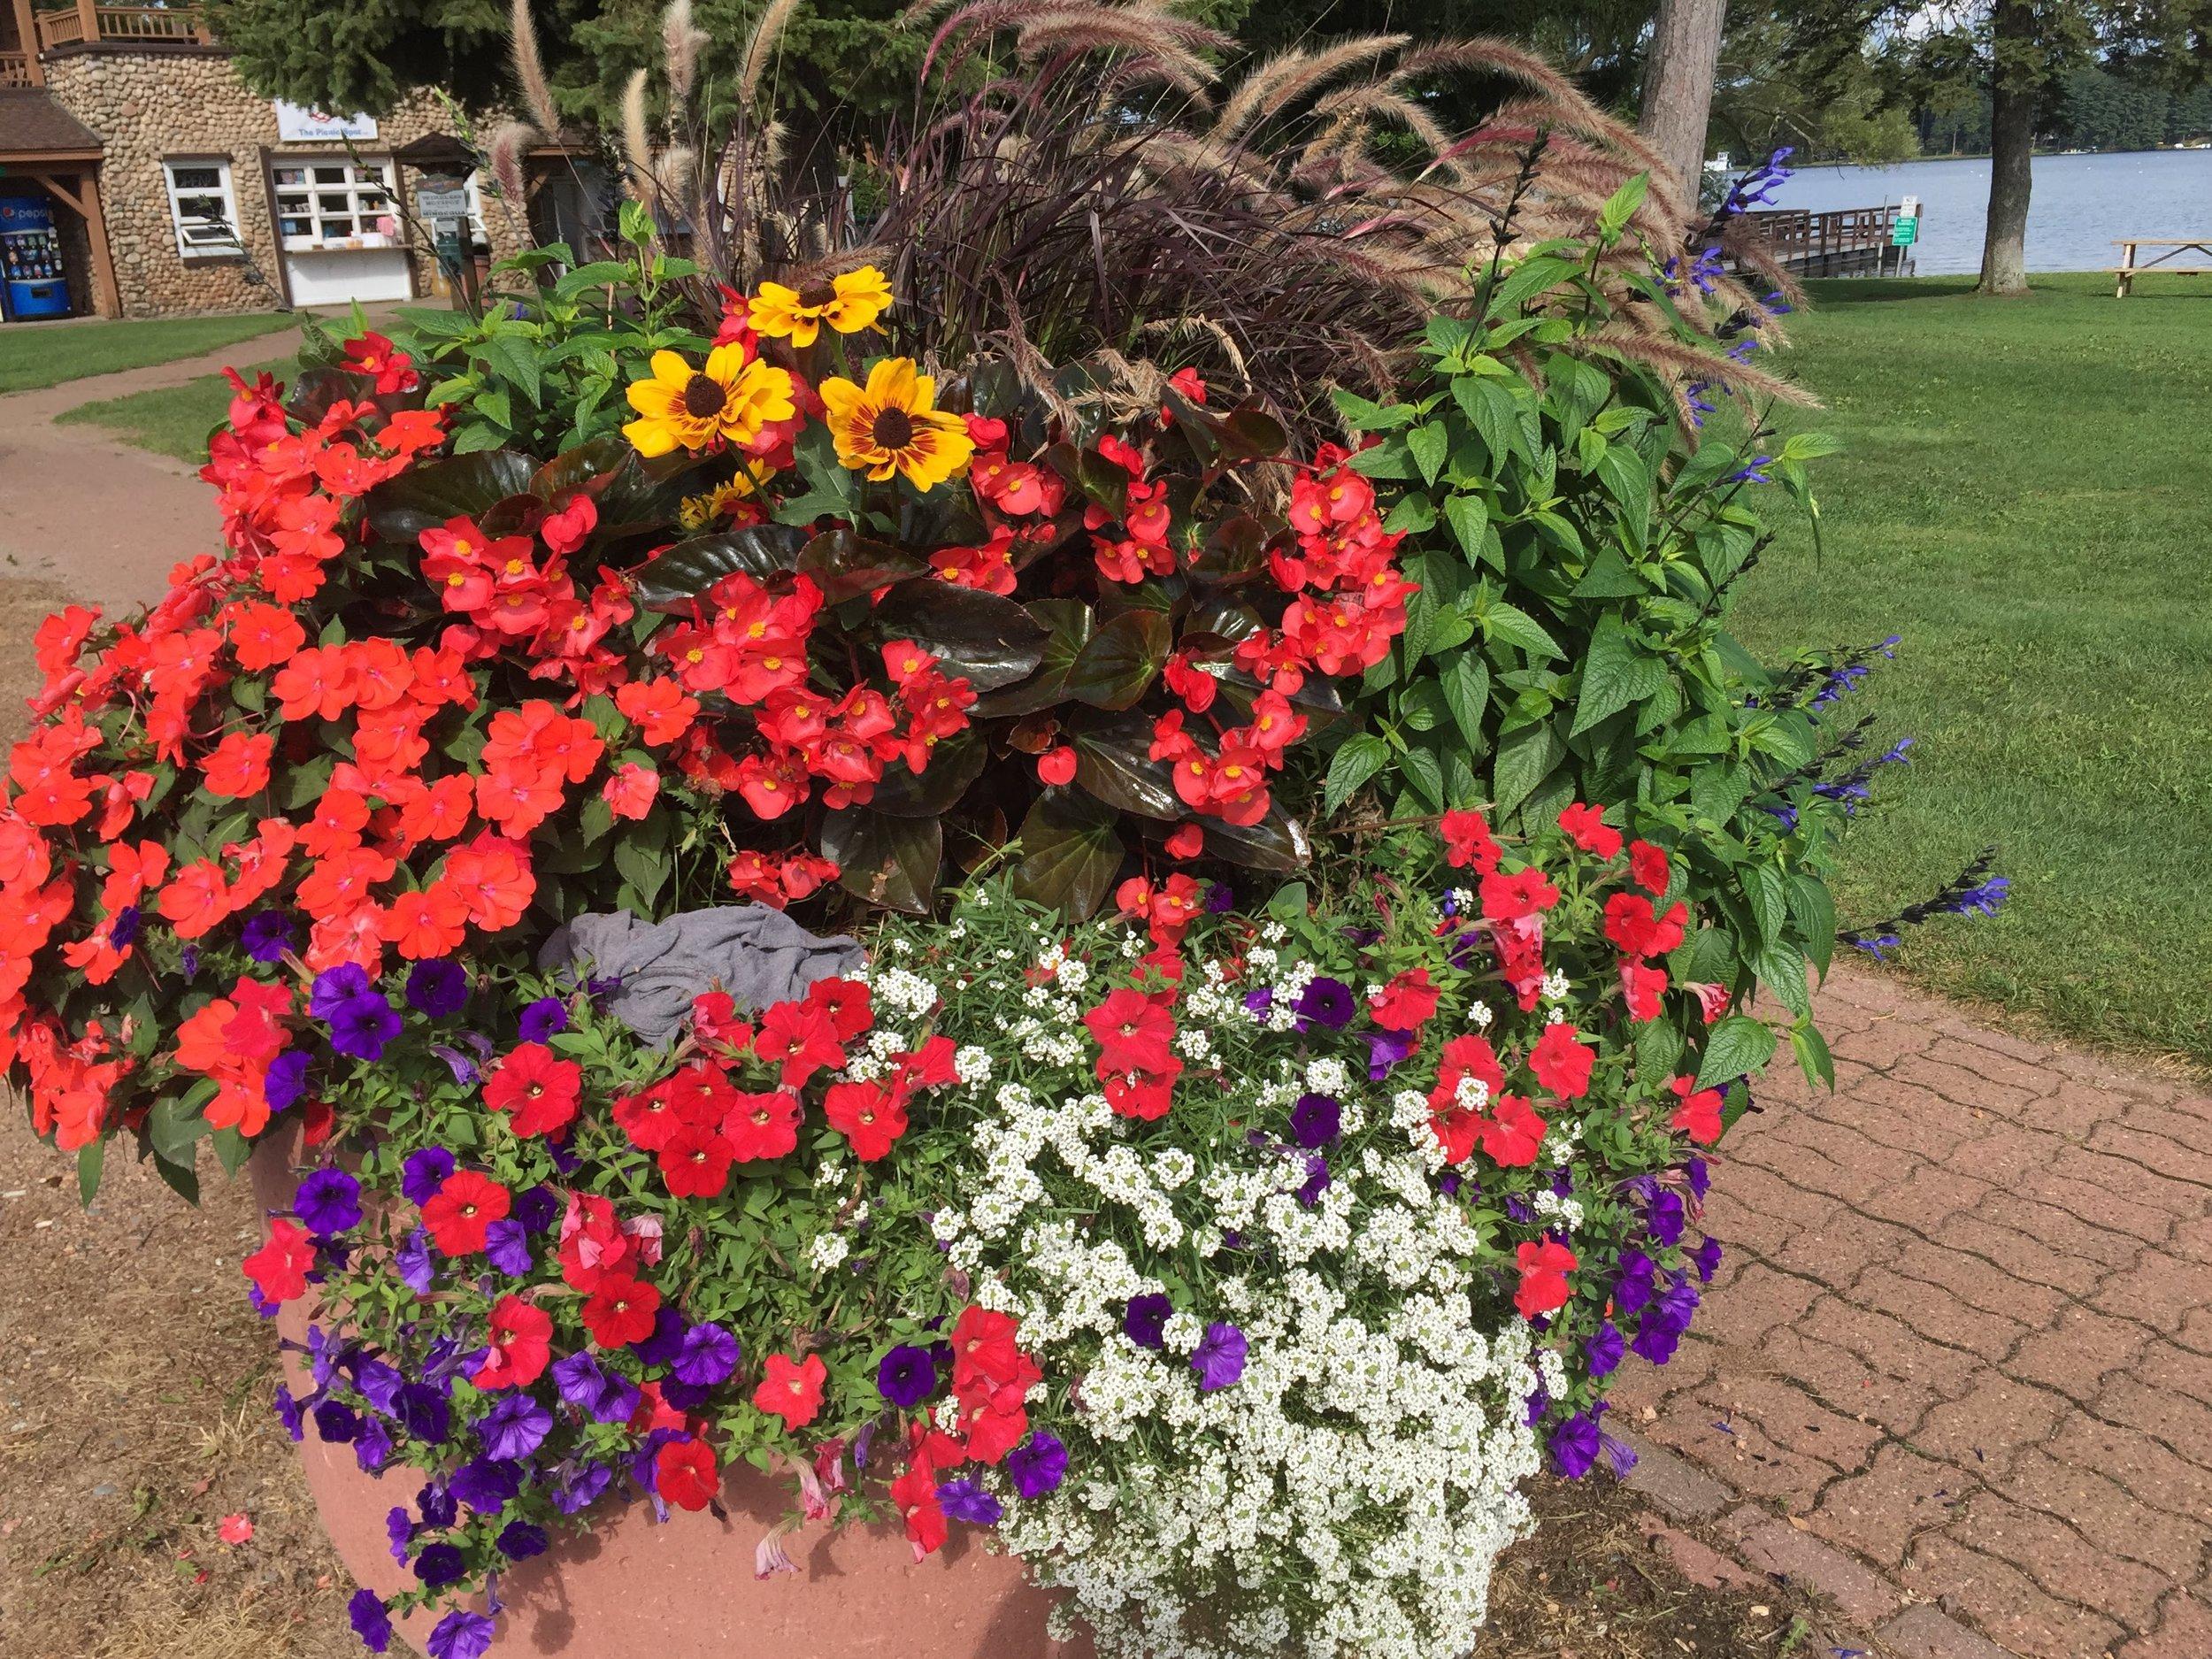 Annual planters in downtown Minocqua